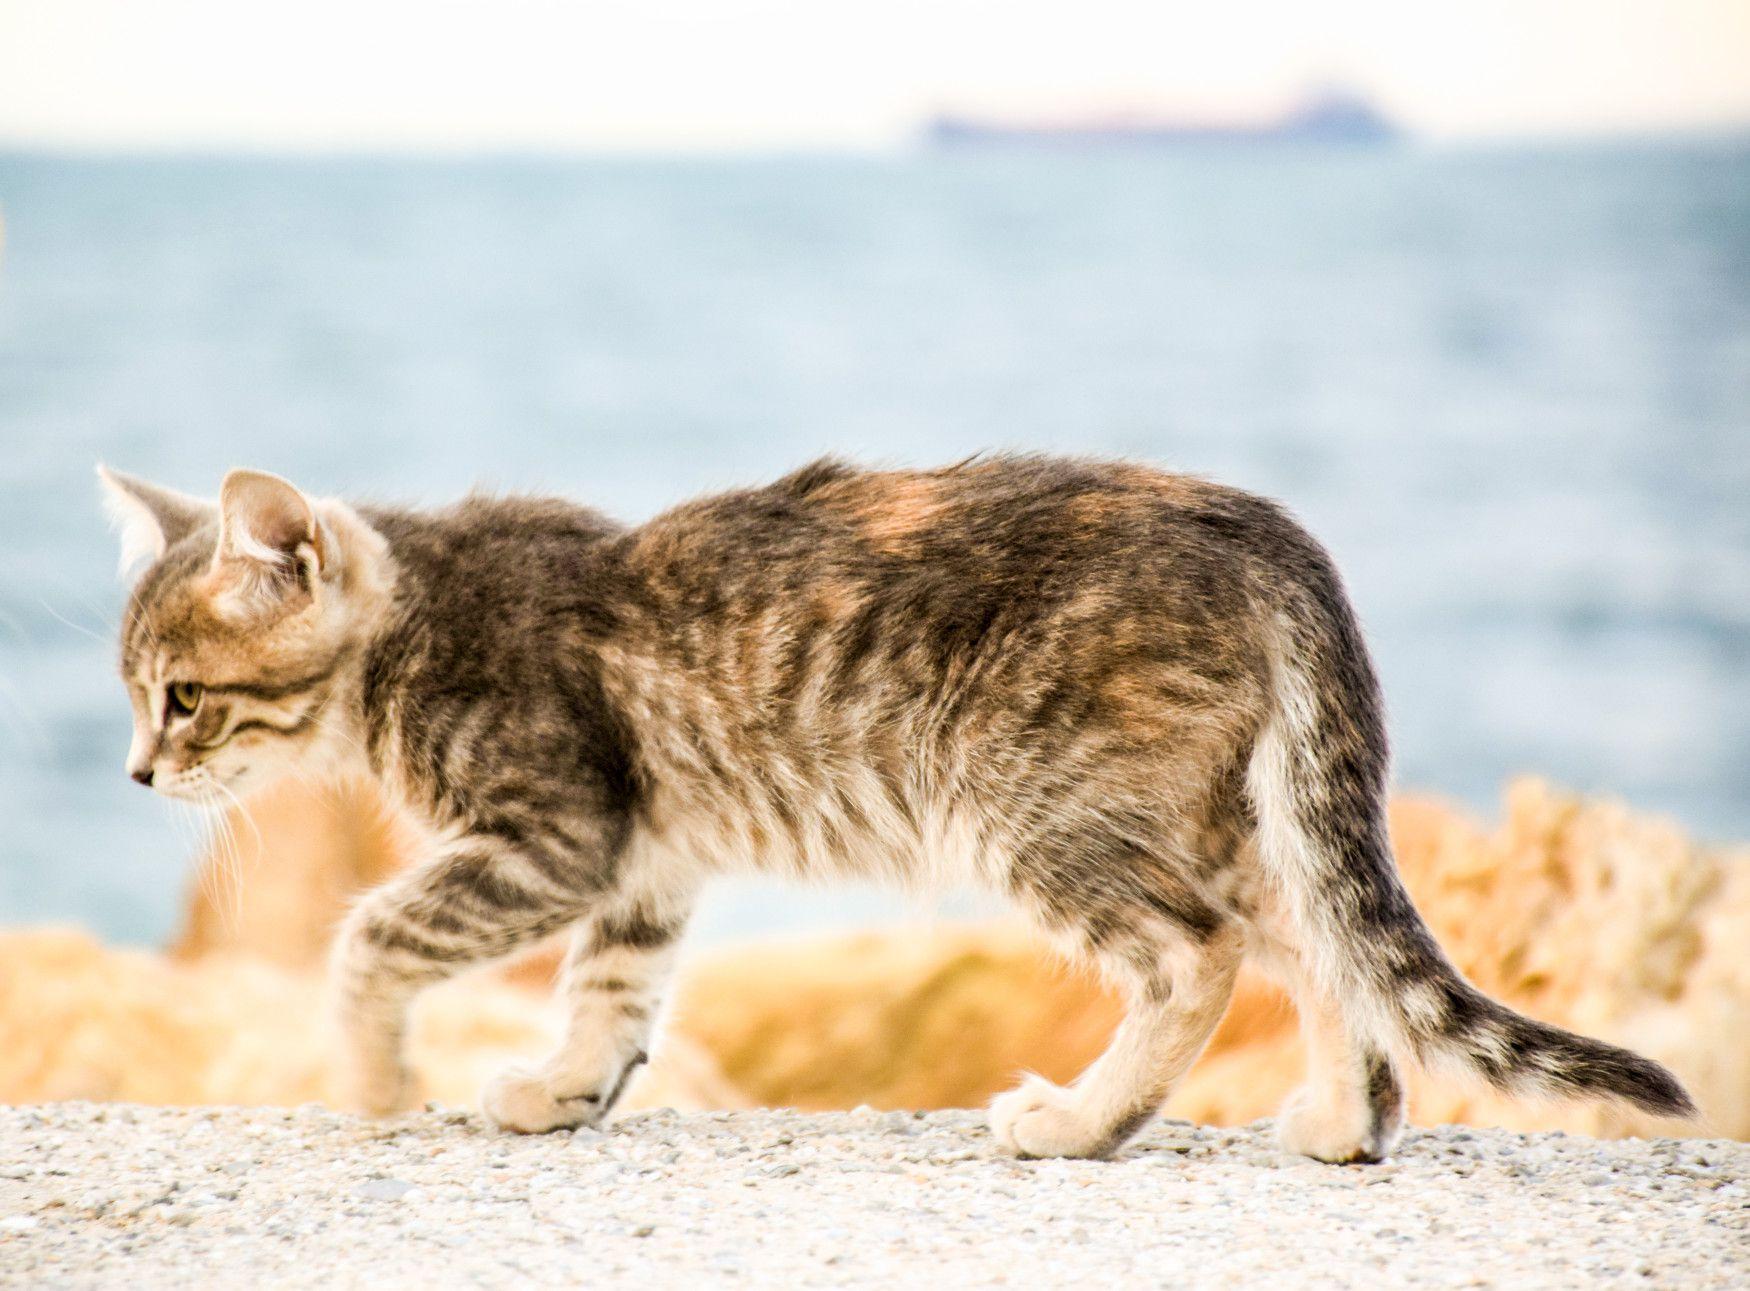 Los gatos caminan de forma elegante